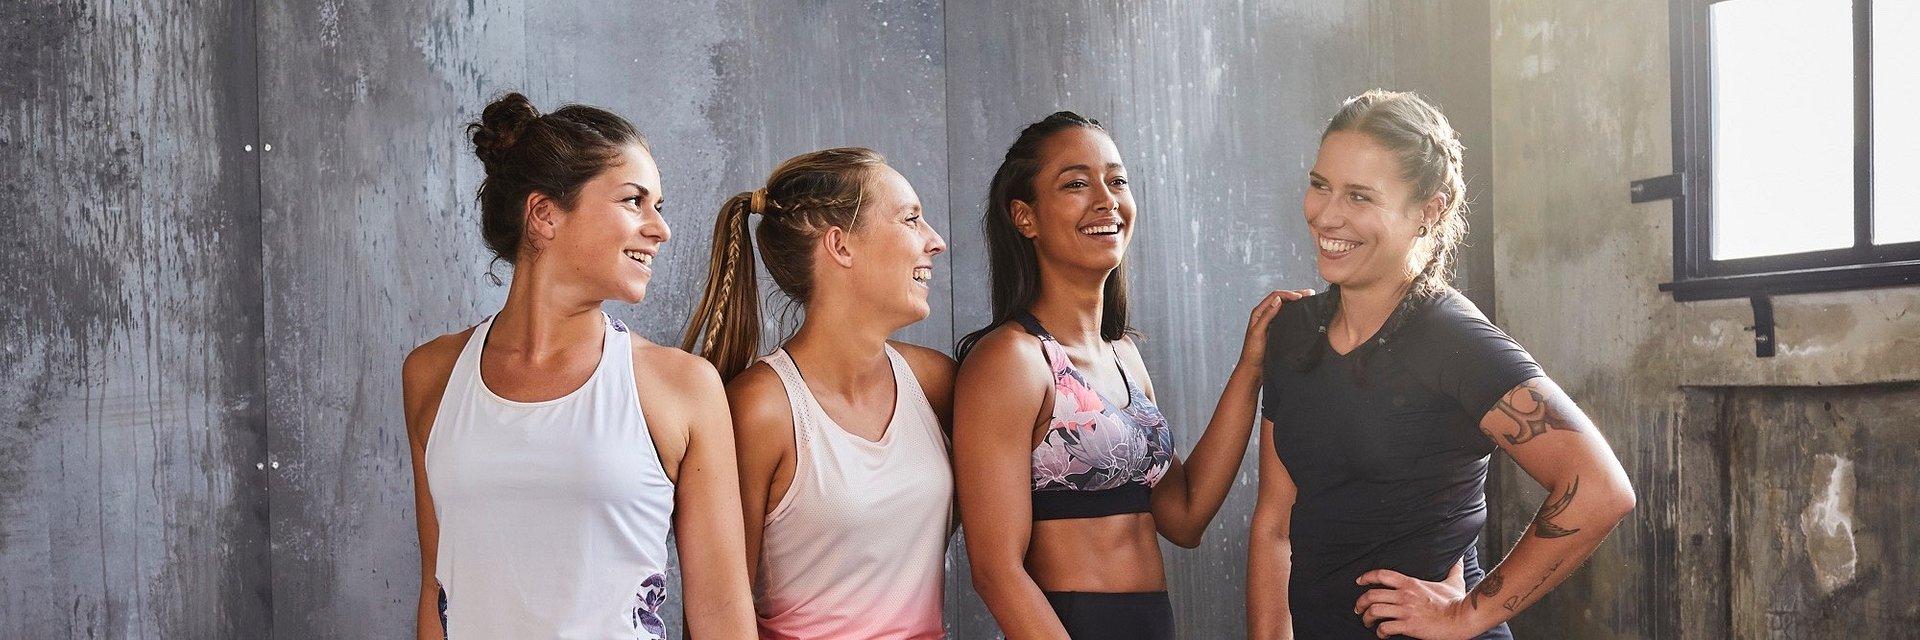 Decathlon zachęca dziewczyny do wzajemnego motywowania się i zaprasza na treningi z QCZAJ'em